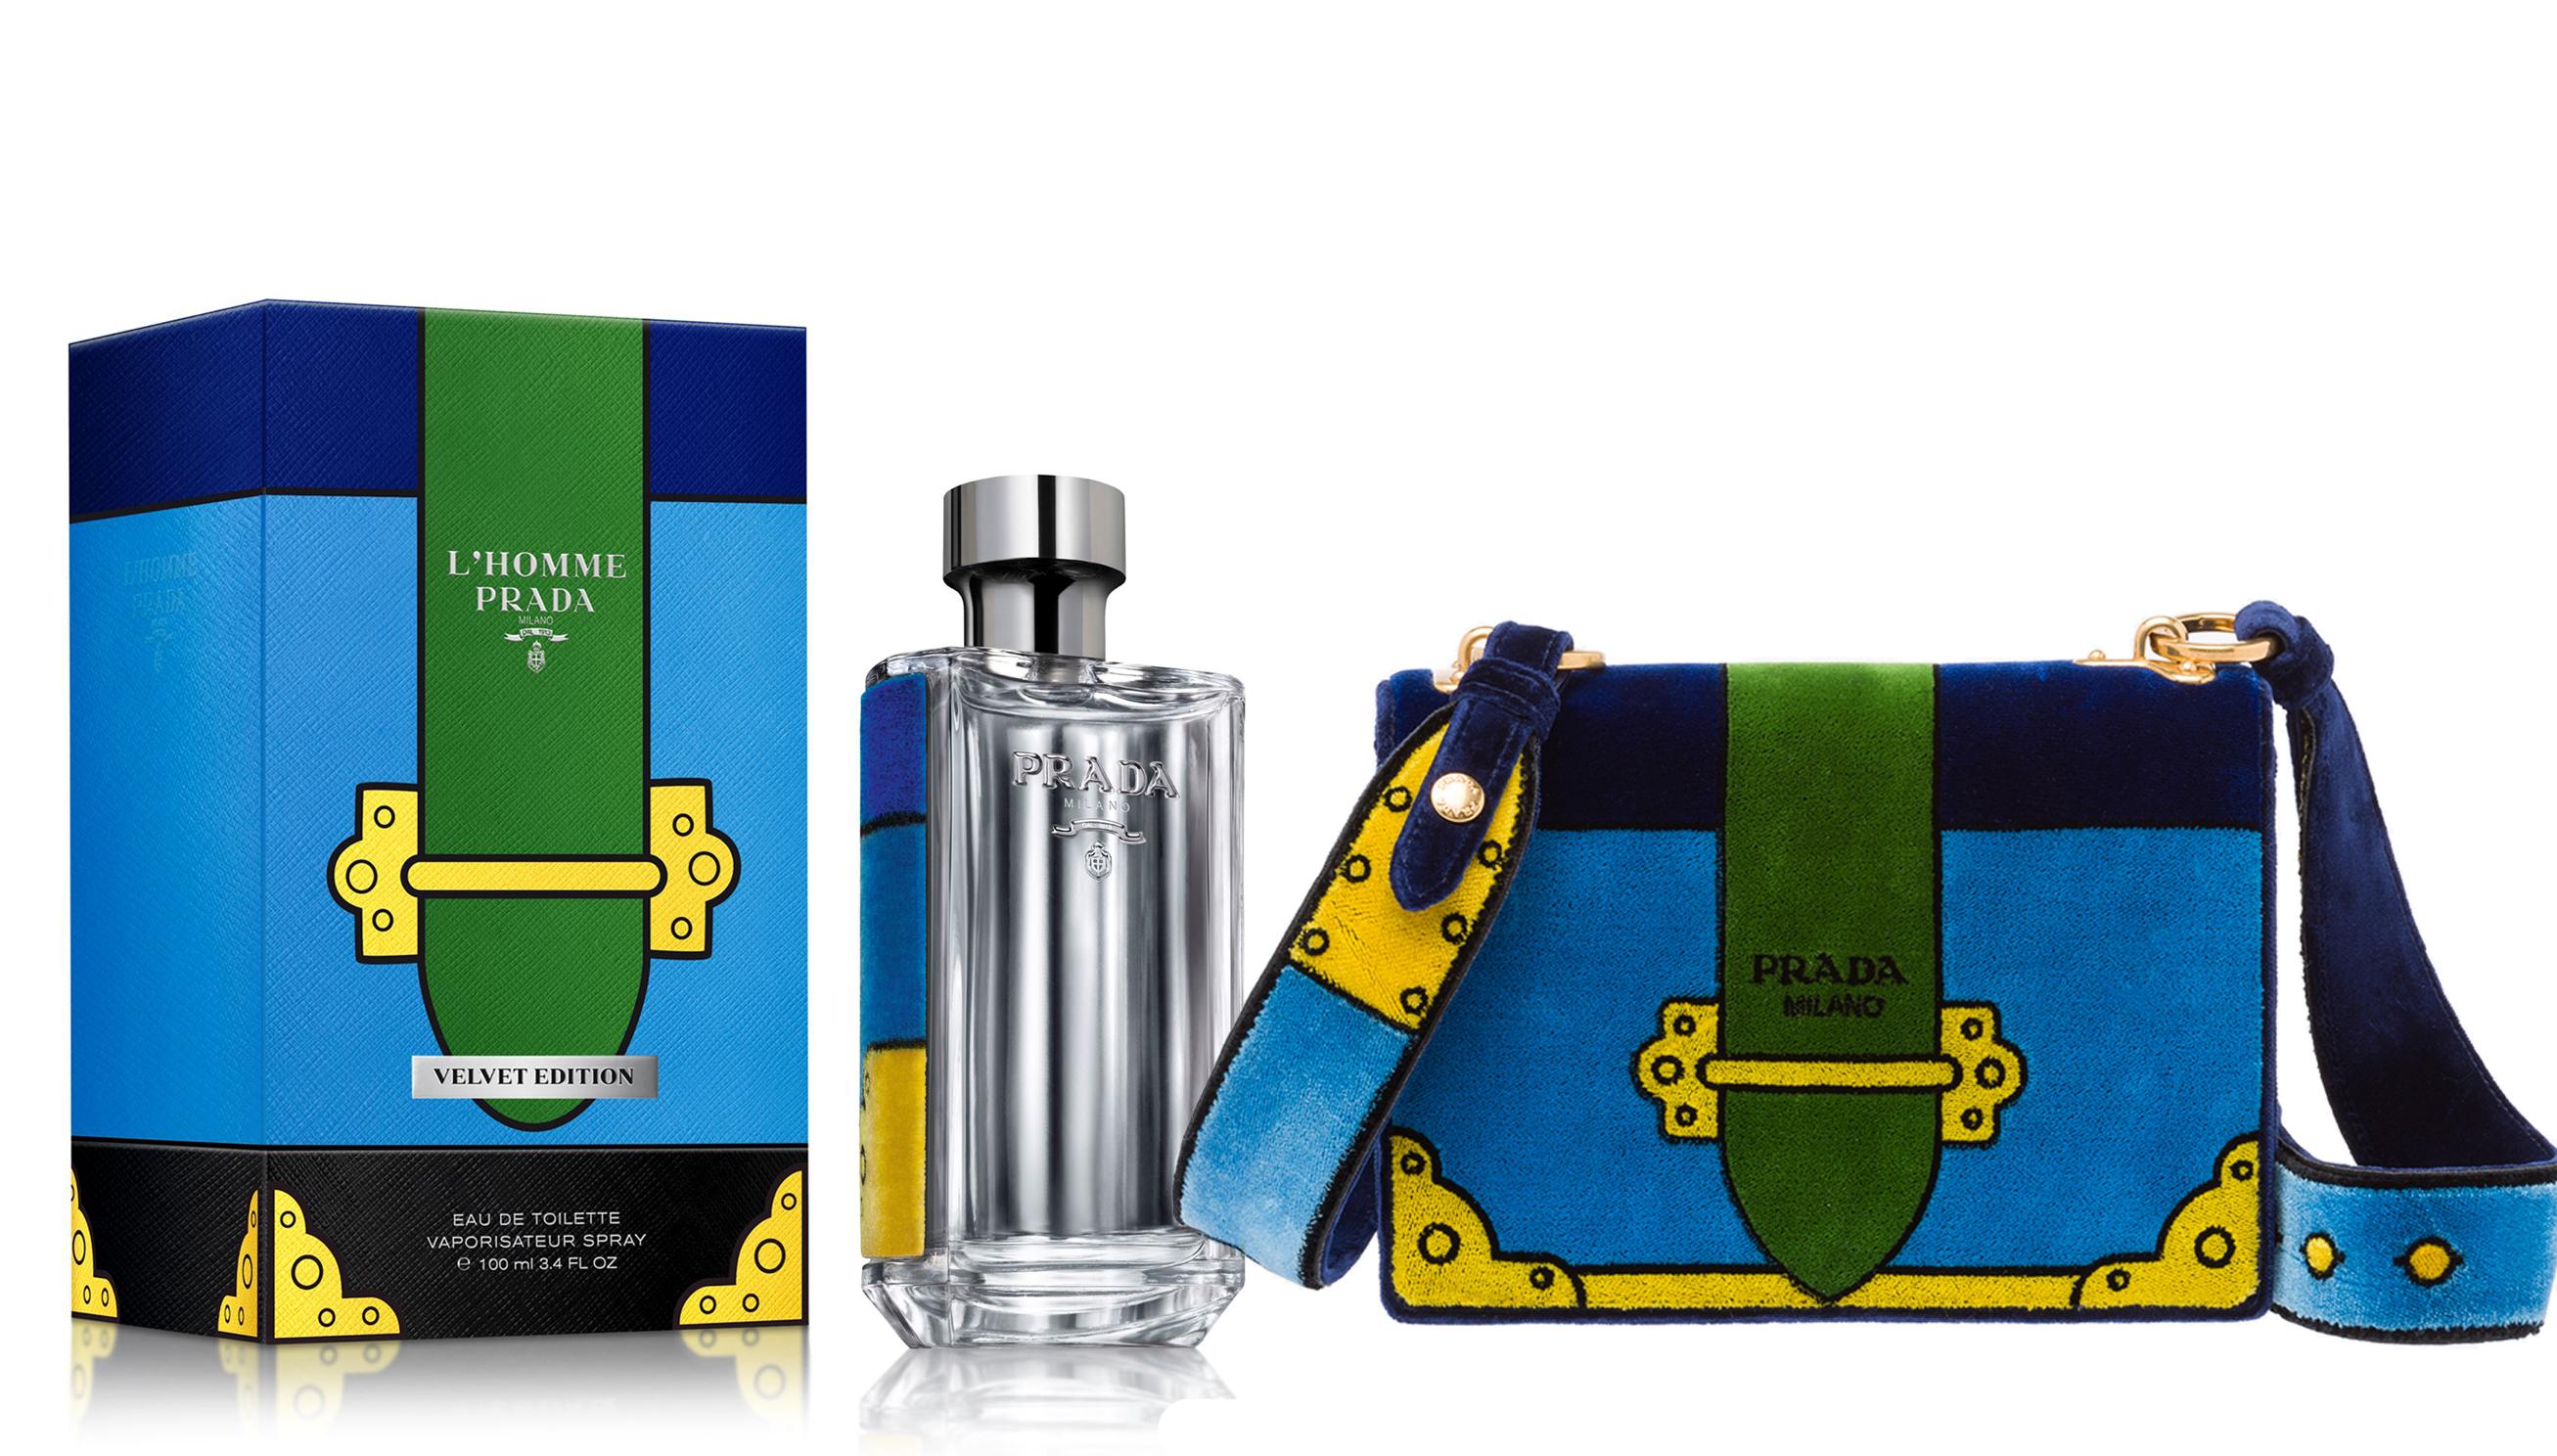 Prada носить вельвет  La Femme Velvet Edition 3c6c0b99063f0